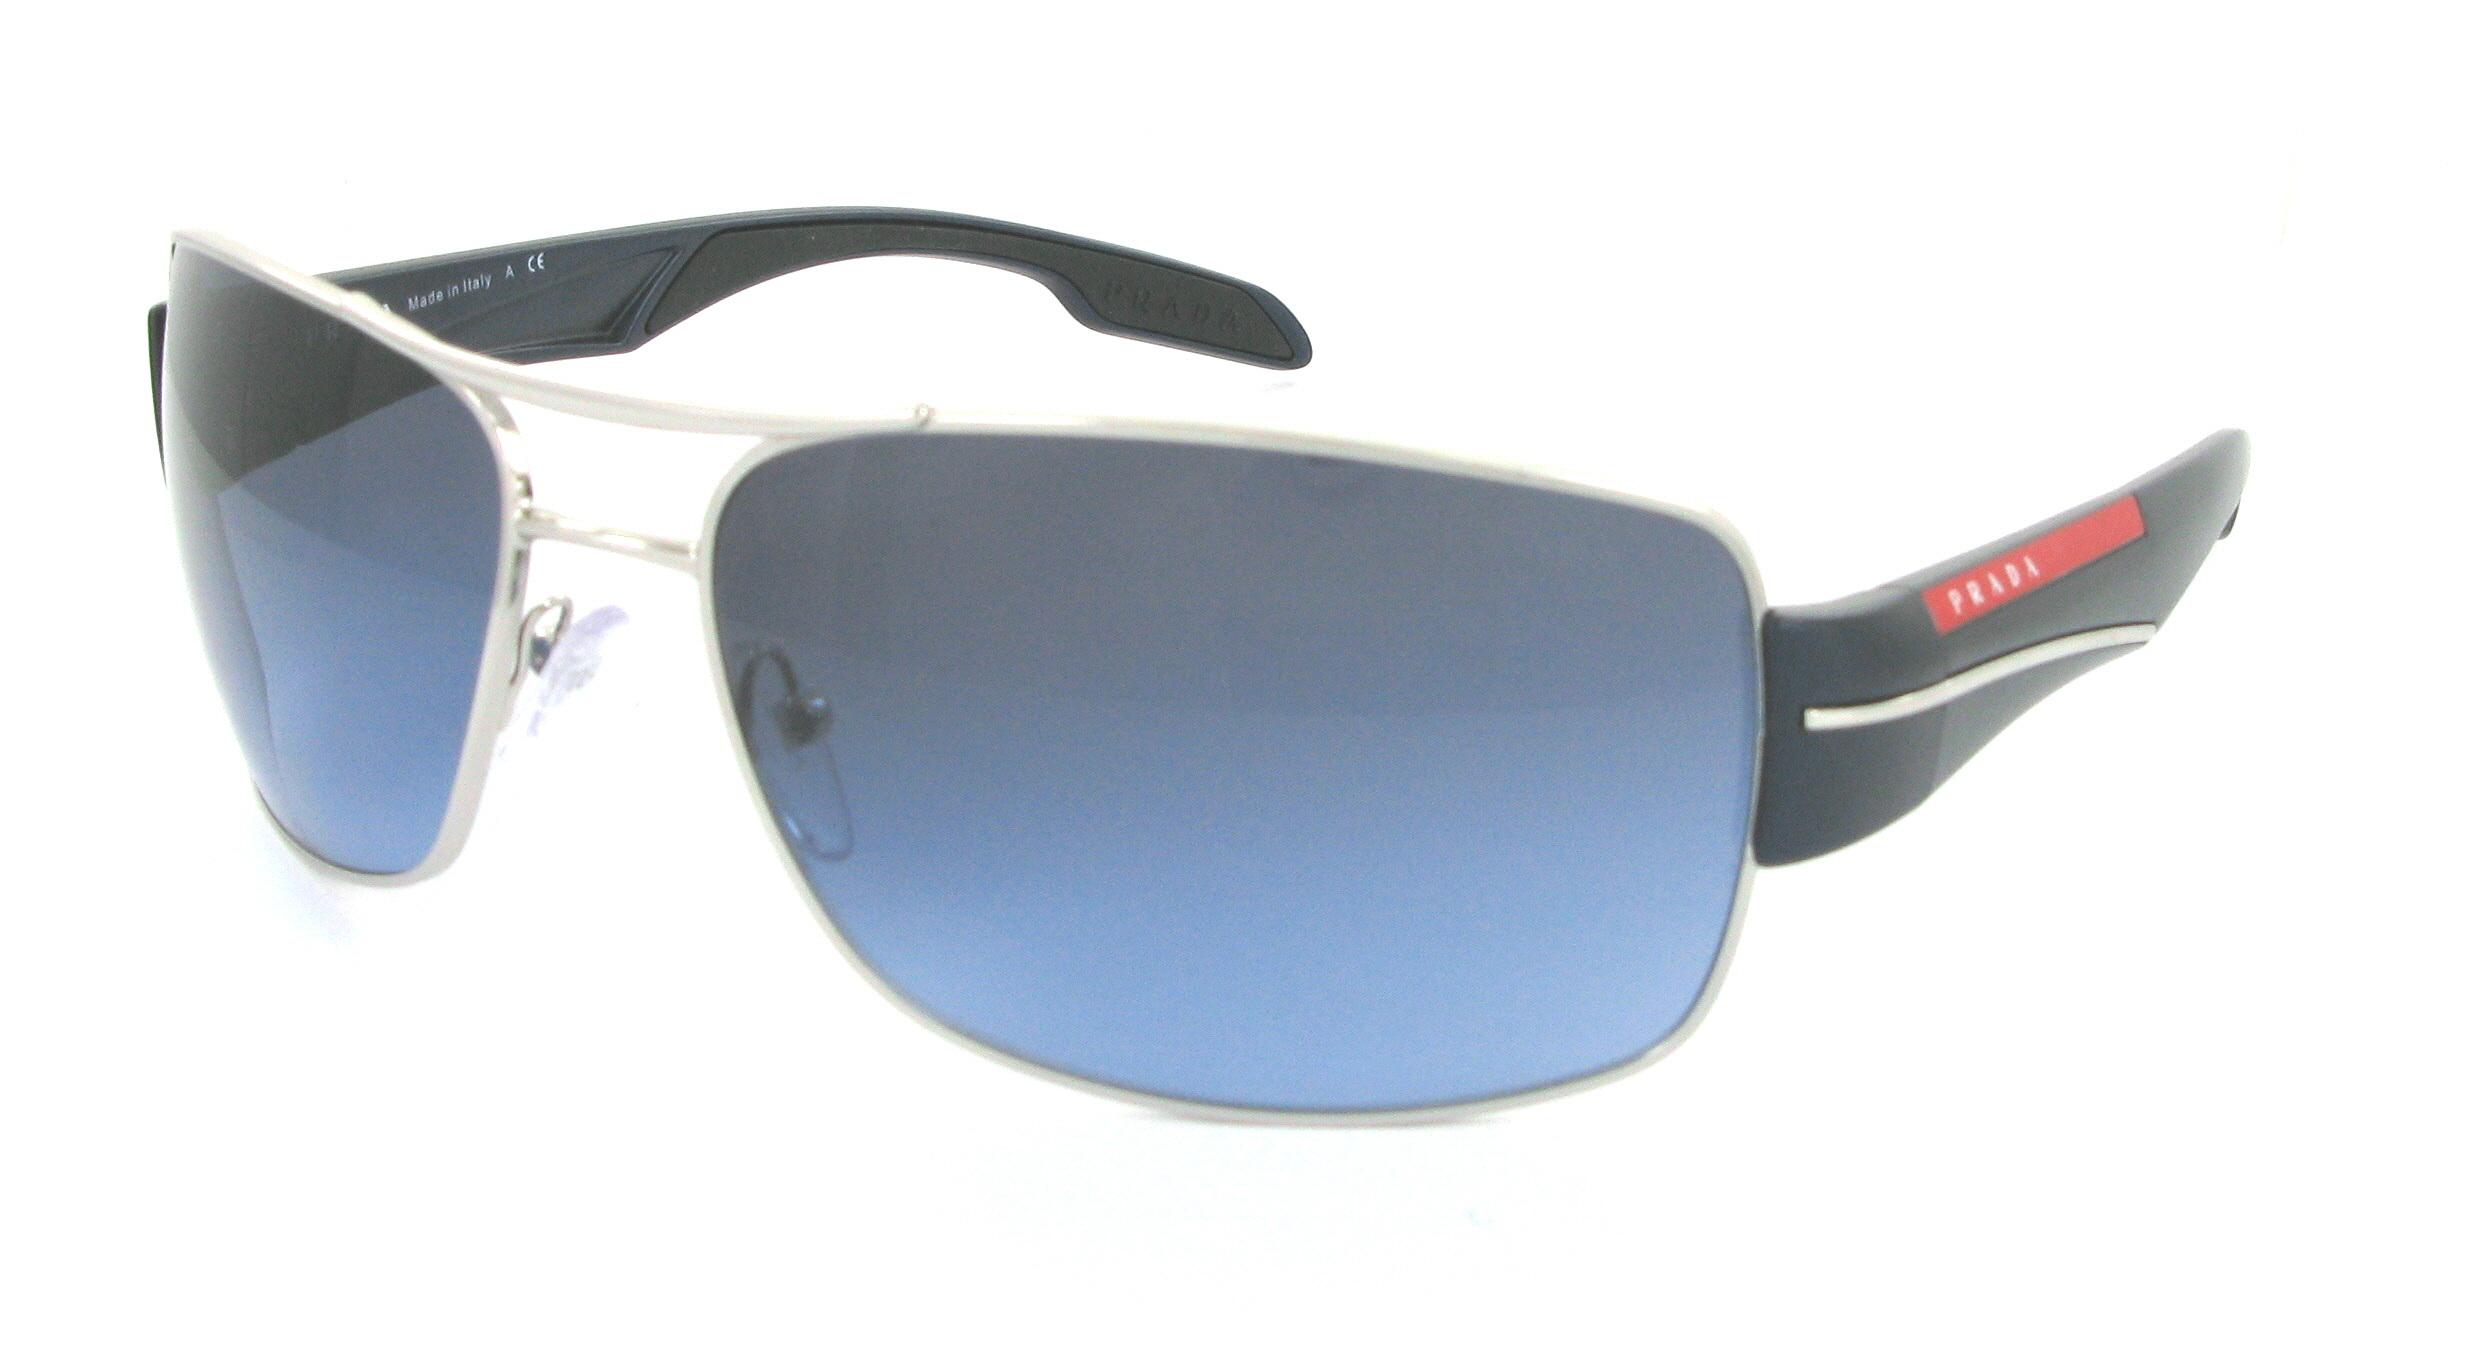 cc81a1c3277c1 Montures lunettes de soleil Prada Sport homme